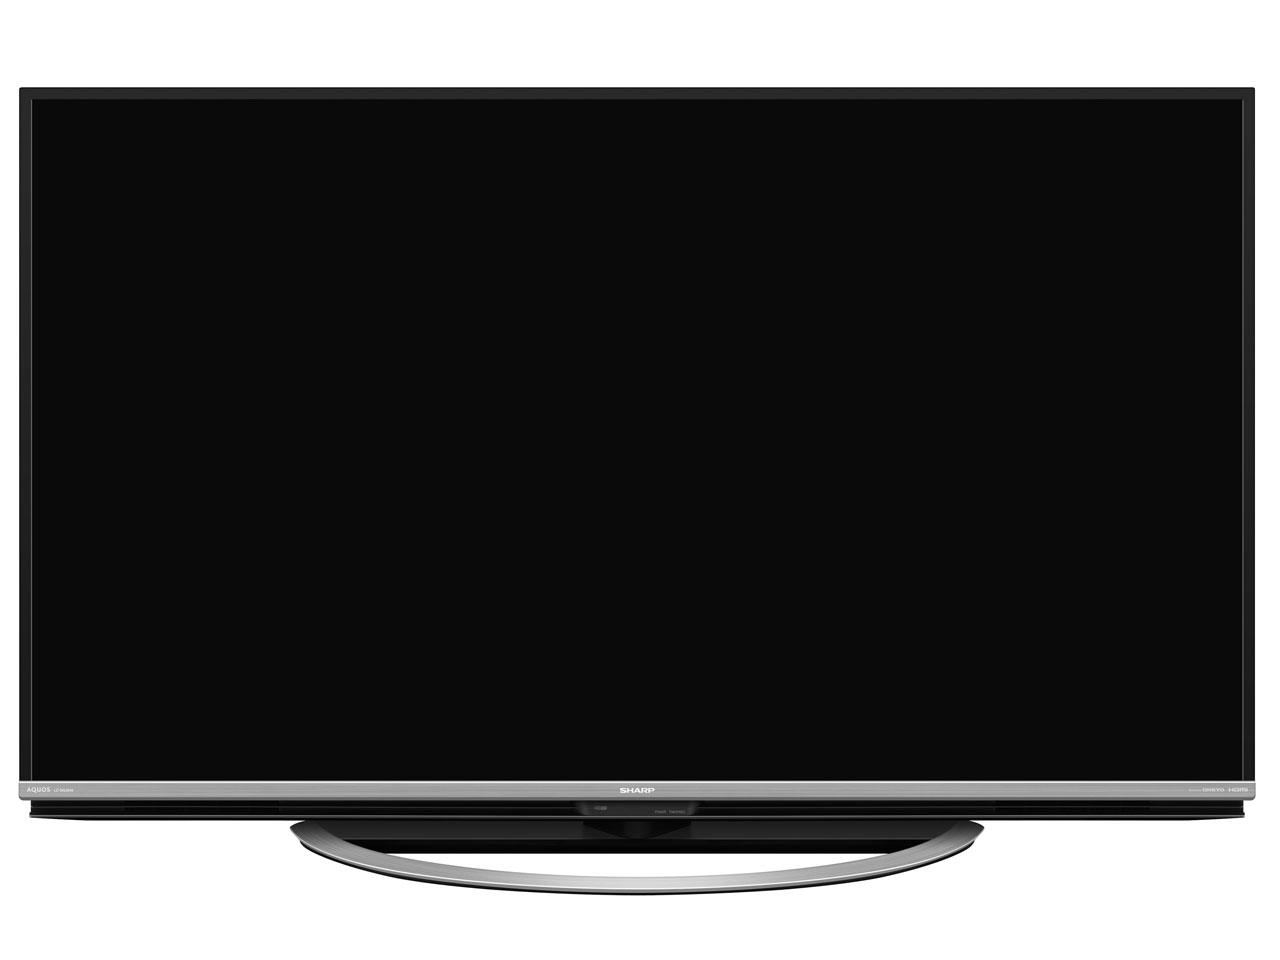 AQUOS LC-50US45 [50インチ] の製品画像